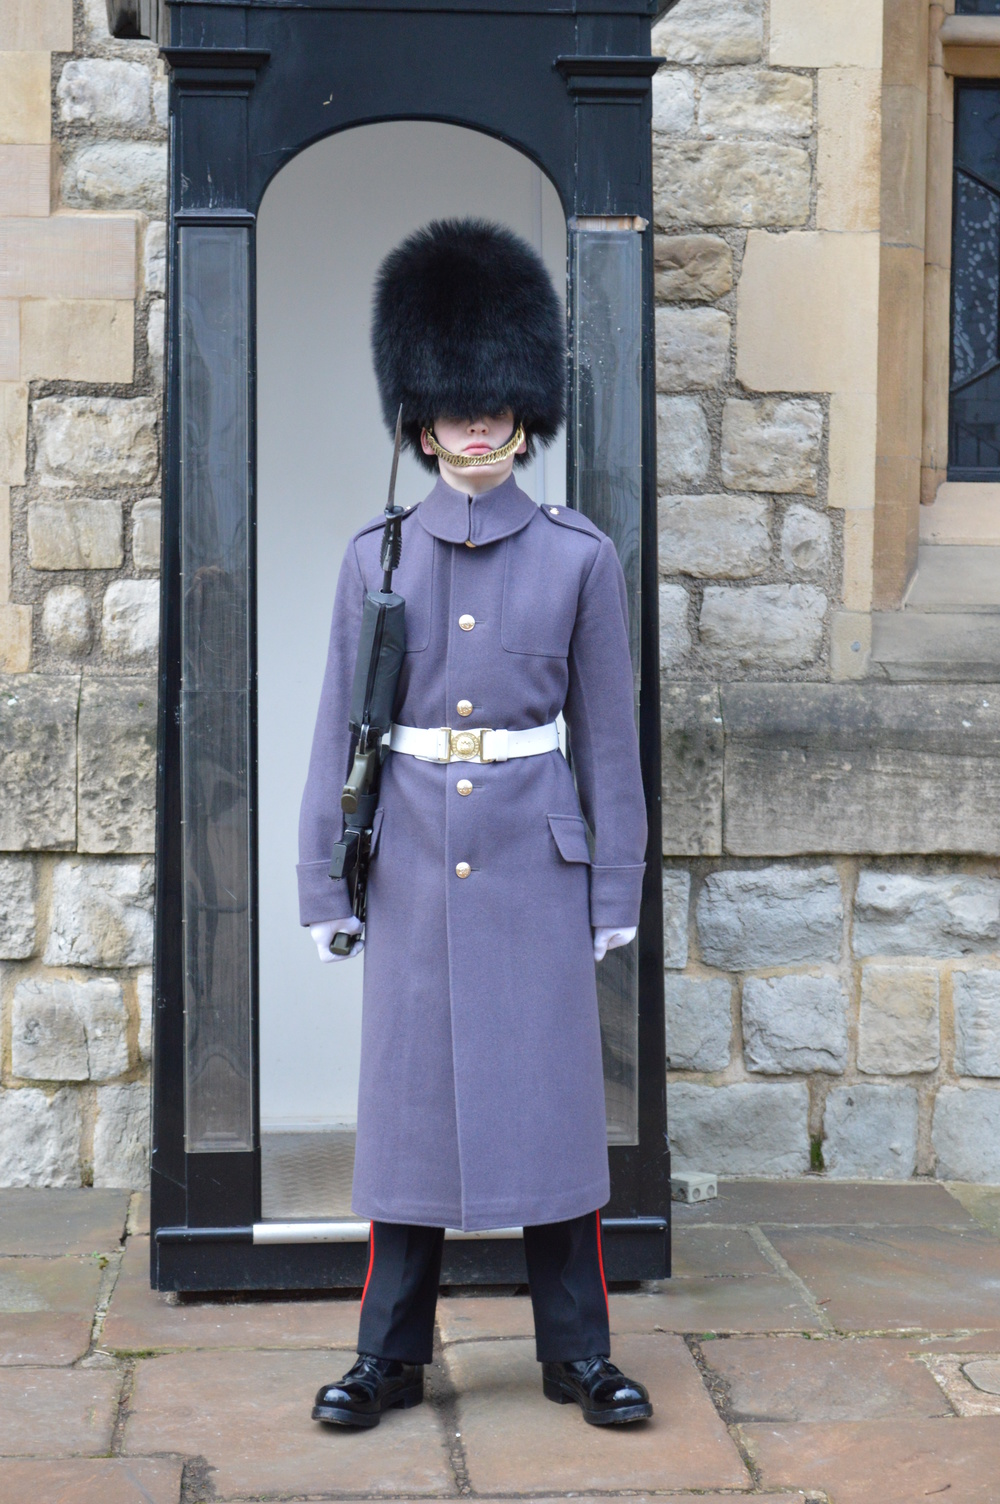 Towerof London - Guard